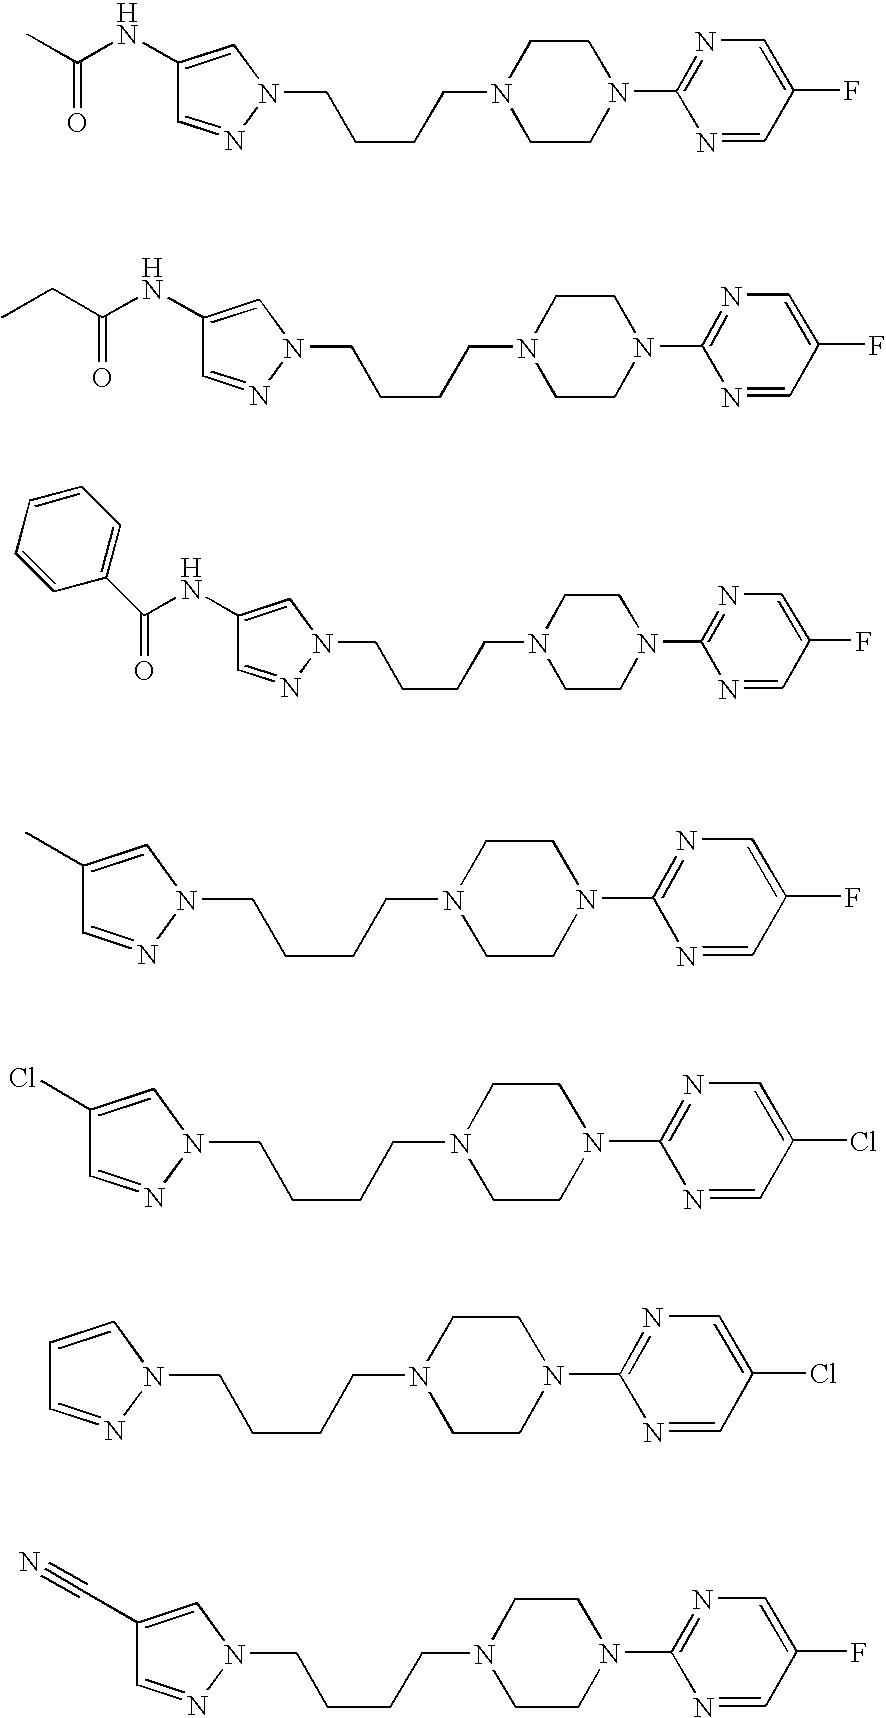 Figure US20100009983A1-20100114-C00052